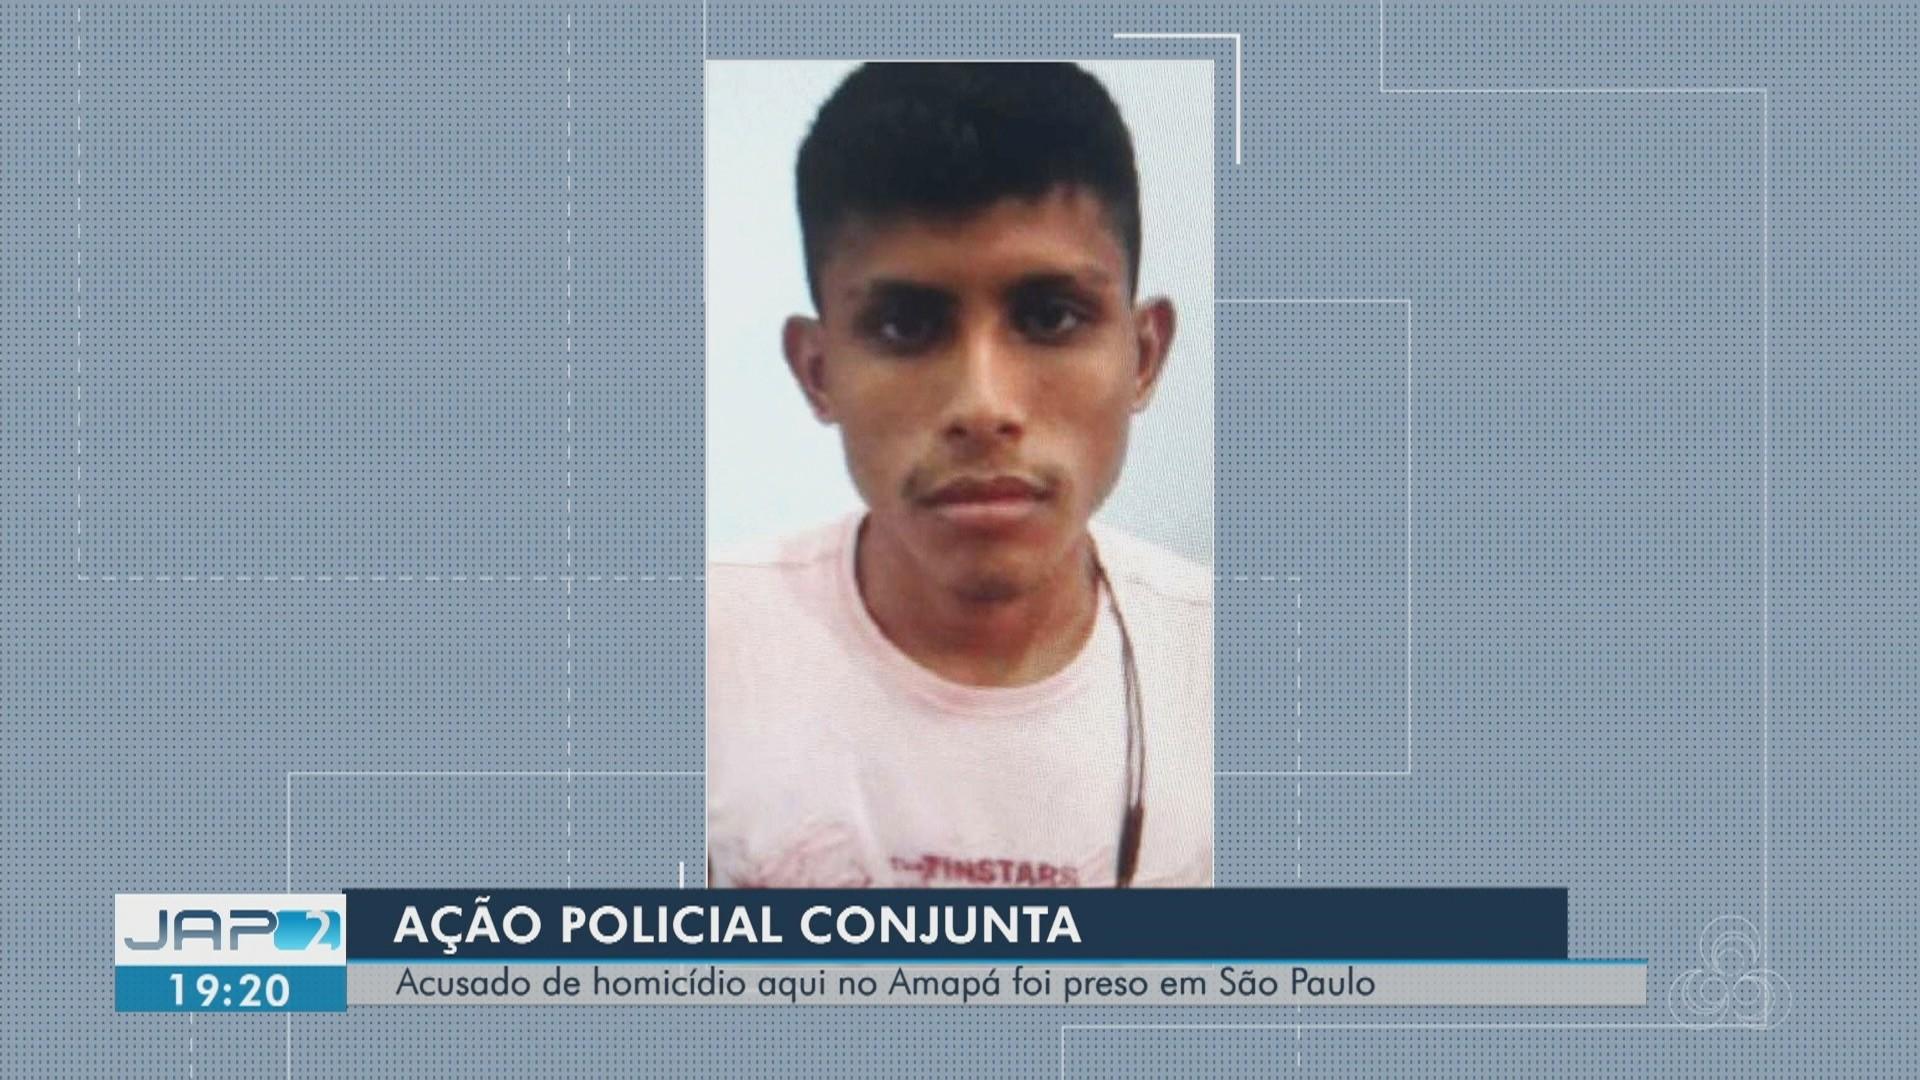 Segundo turno terá atuação de 3,5 mil policiais no Amazonas - Radio Evangelho Gospel